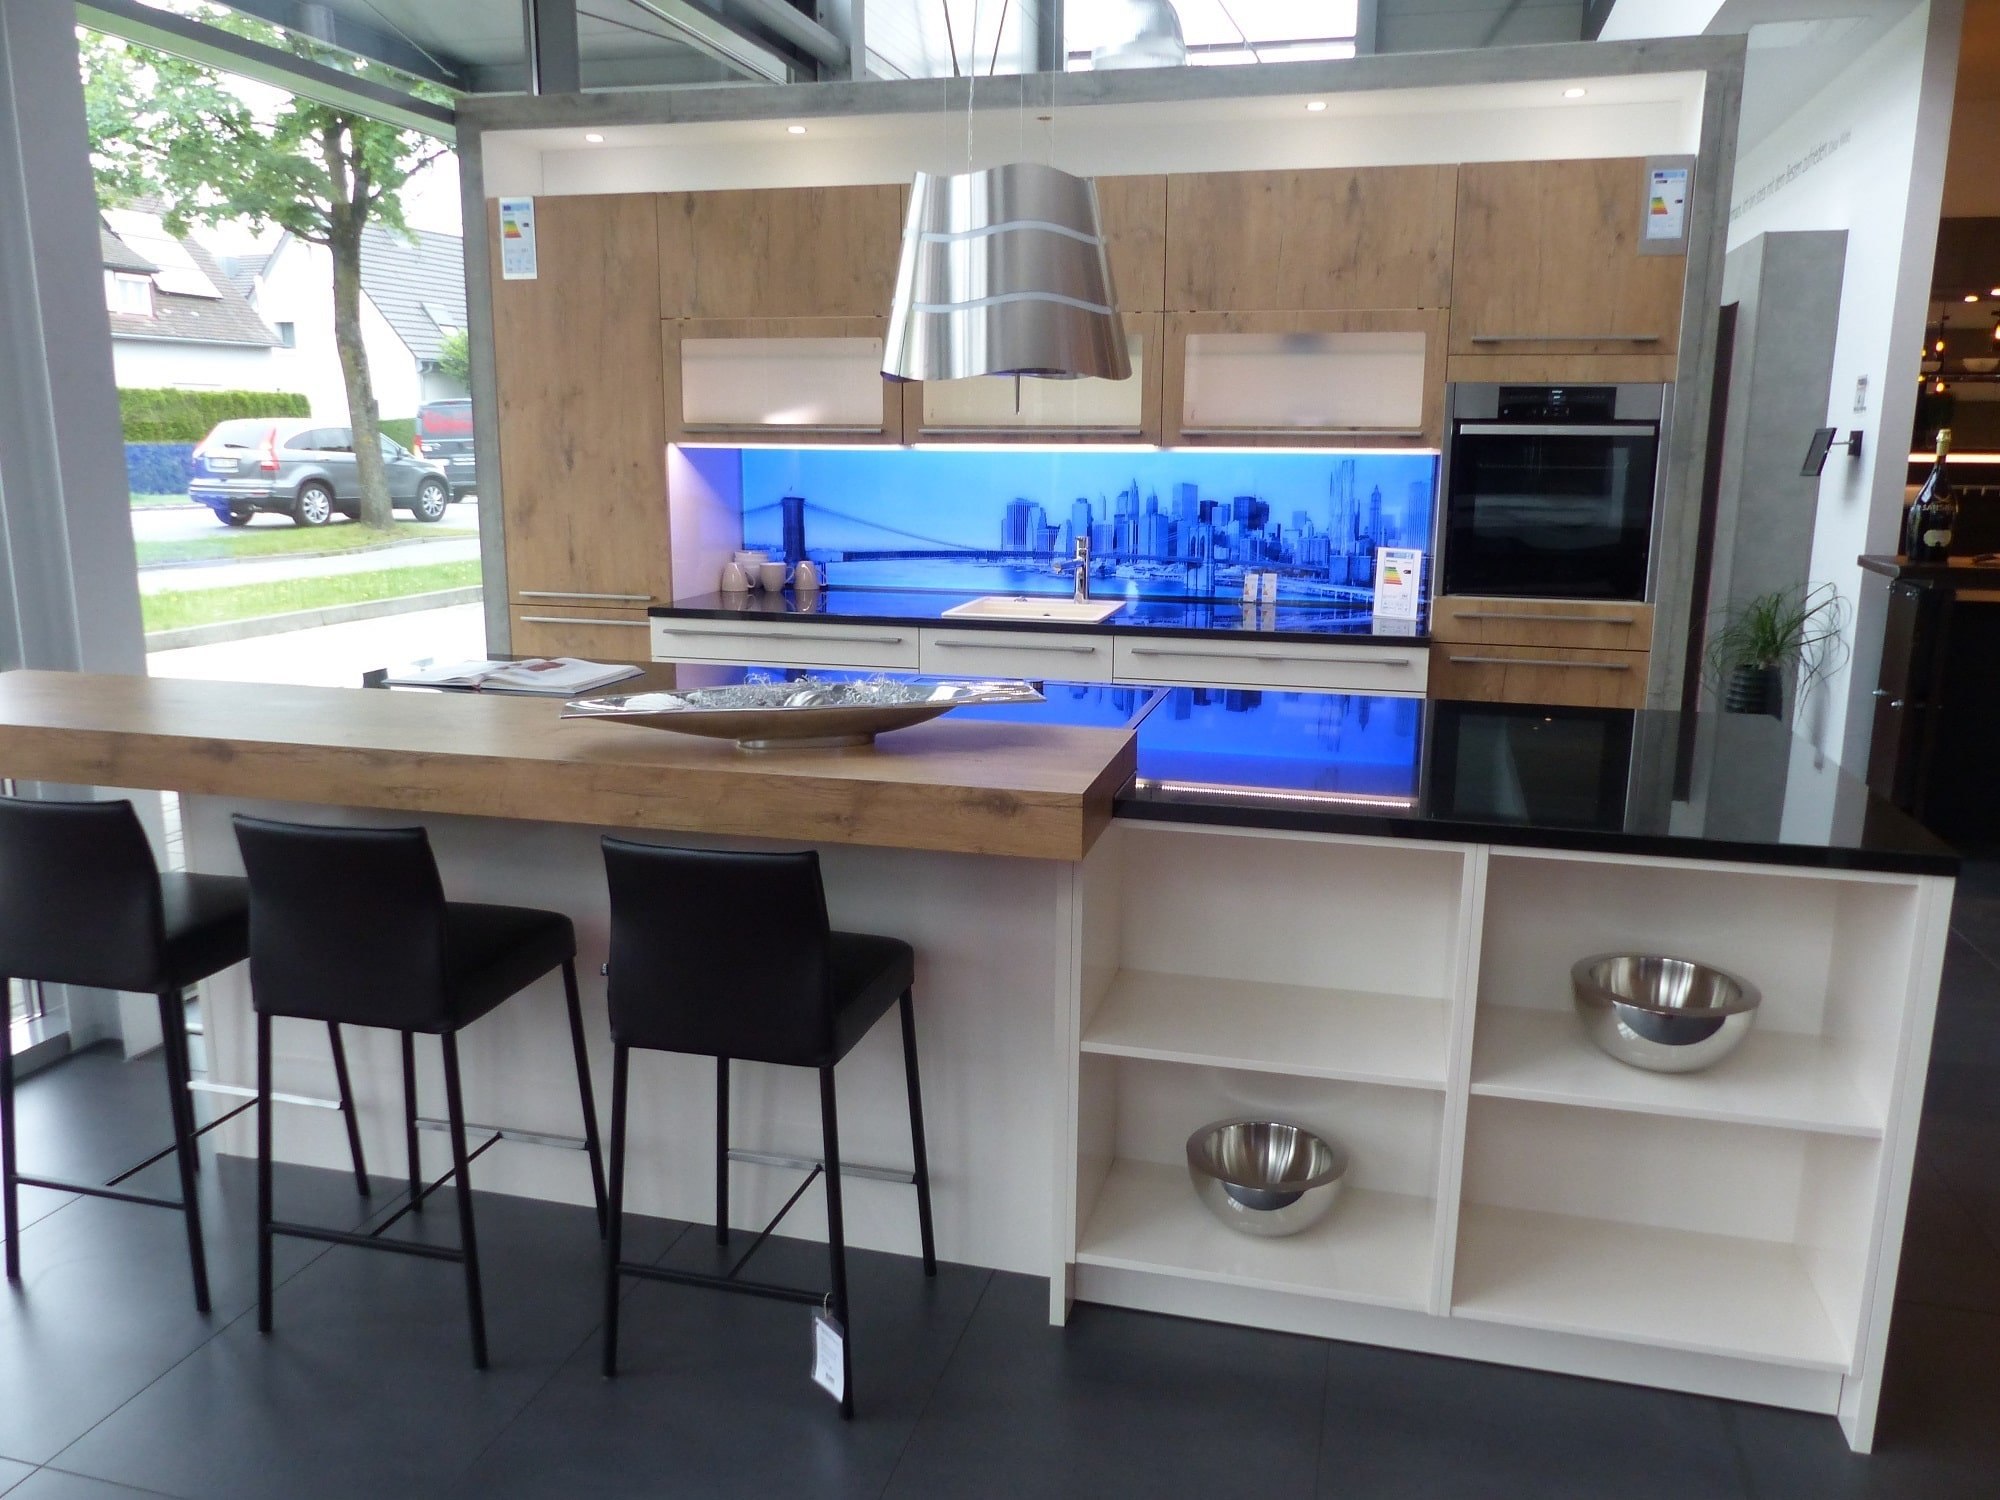 Zweizeilige Küche ohne Küchengeräte in 88214 Ravensburg